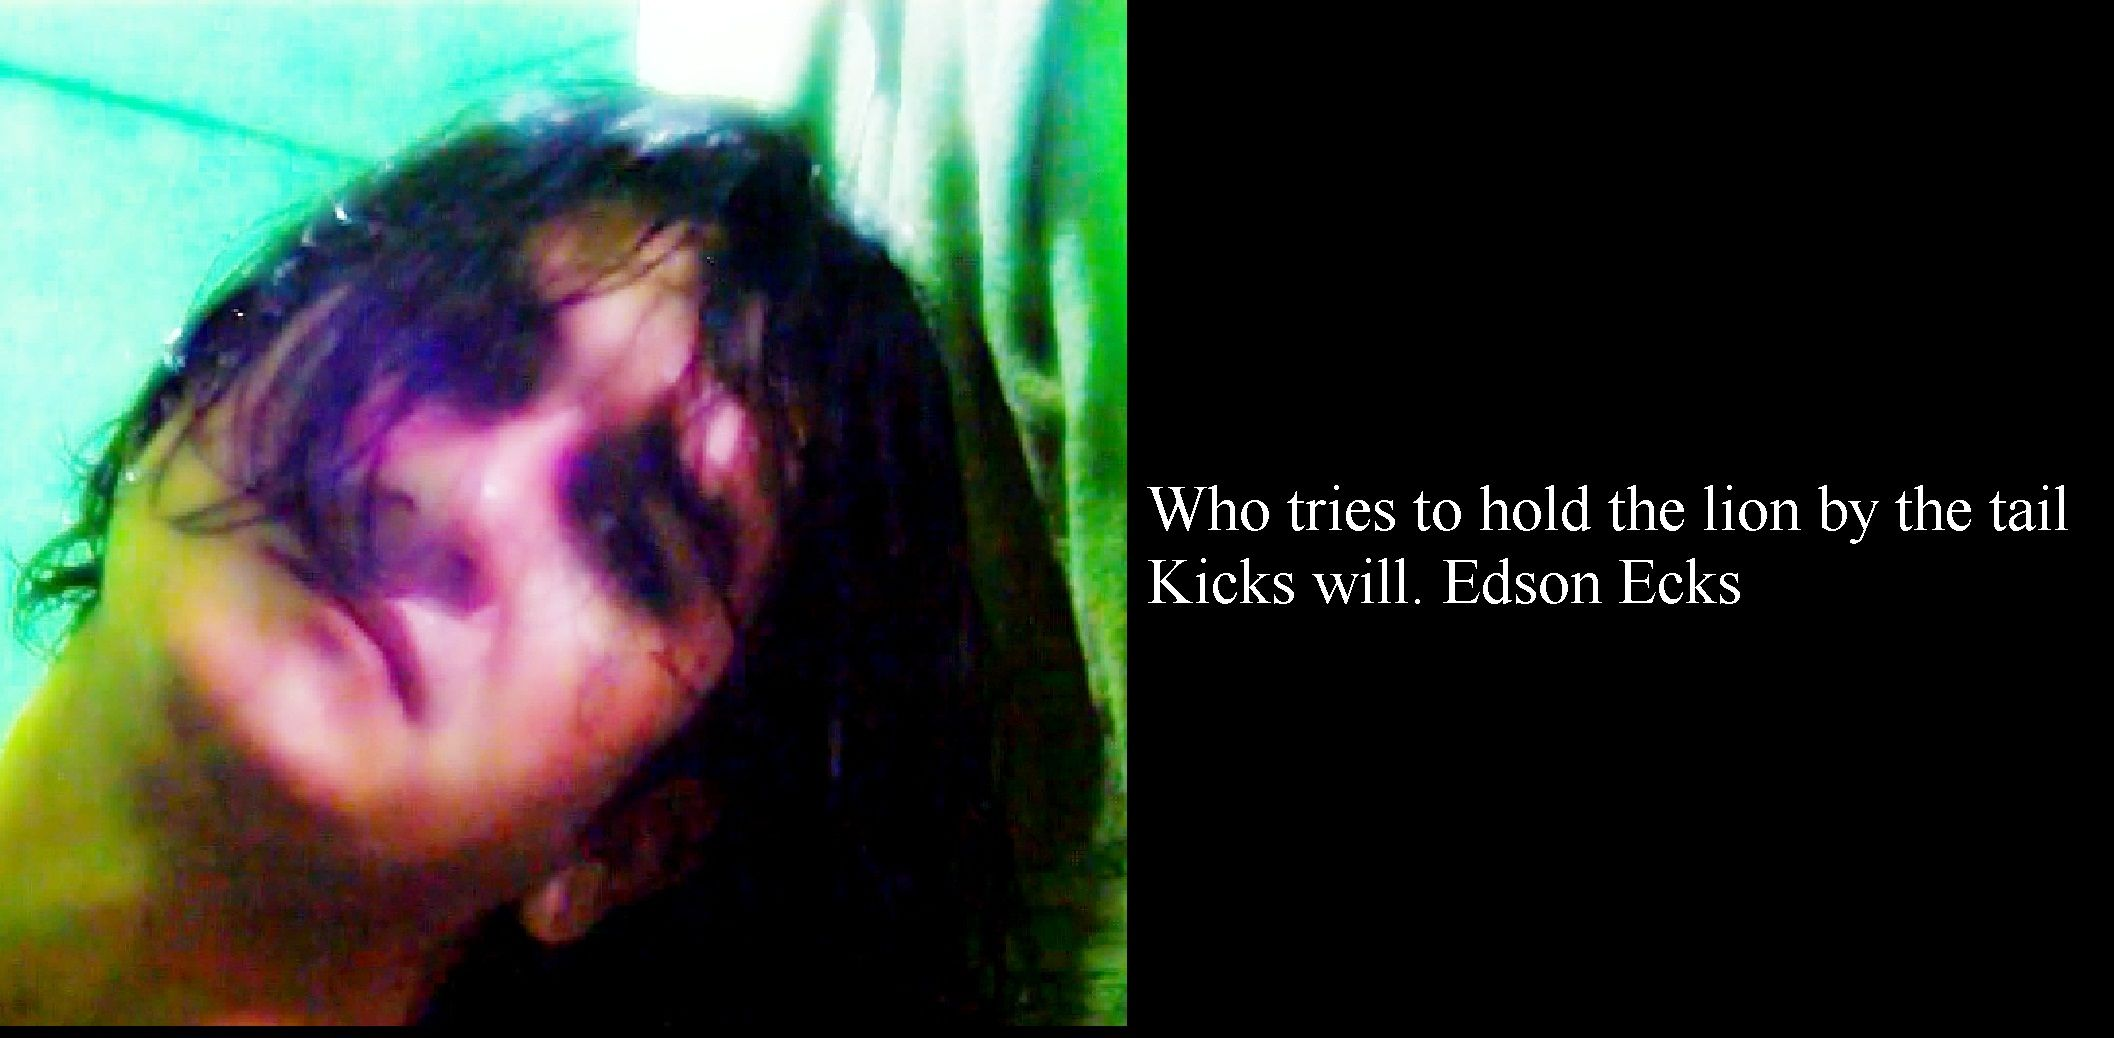 edson ecks